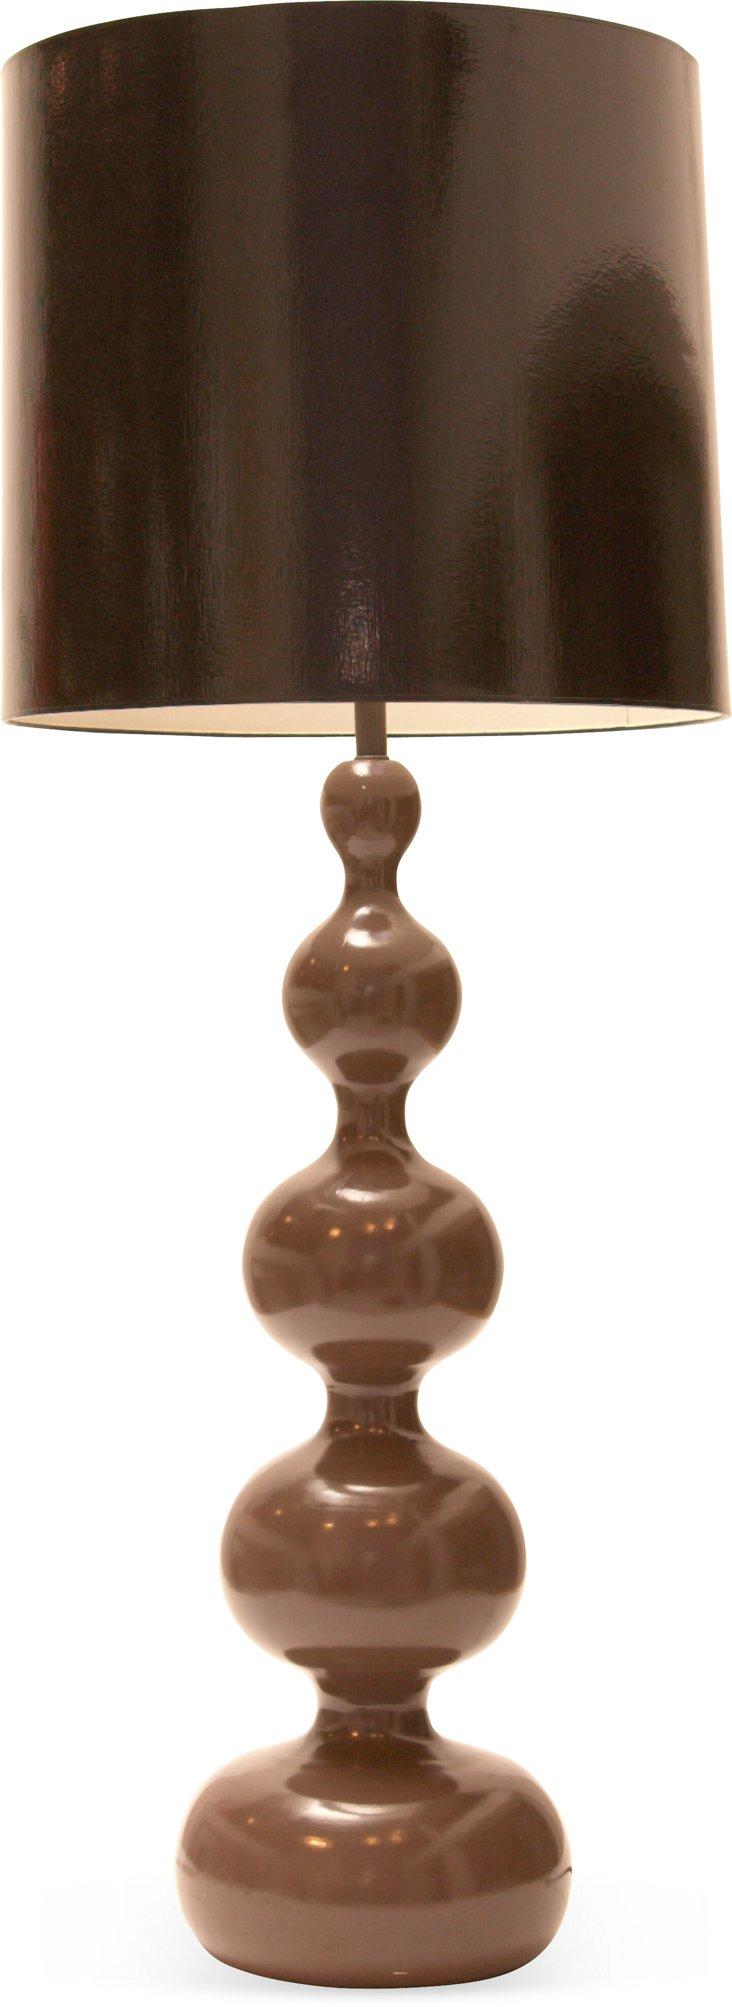 1970s Gourd Lamp